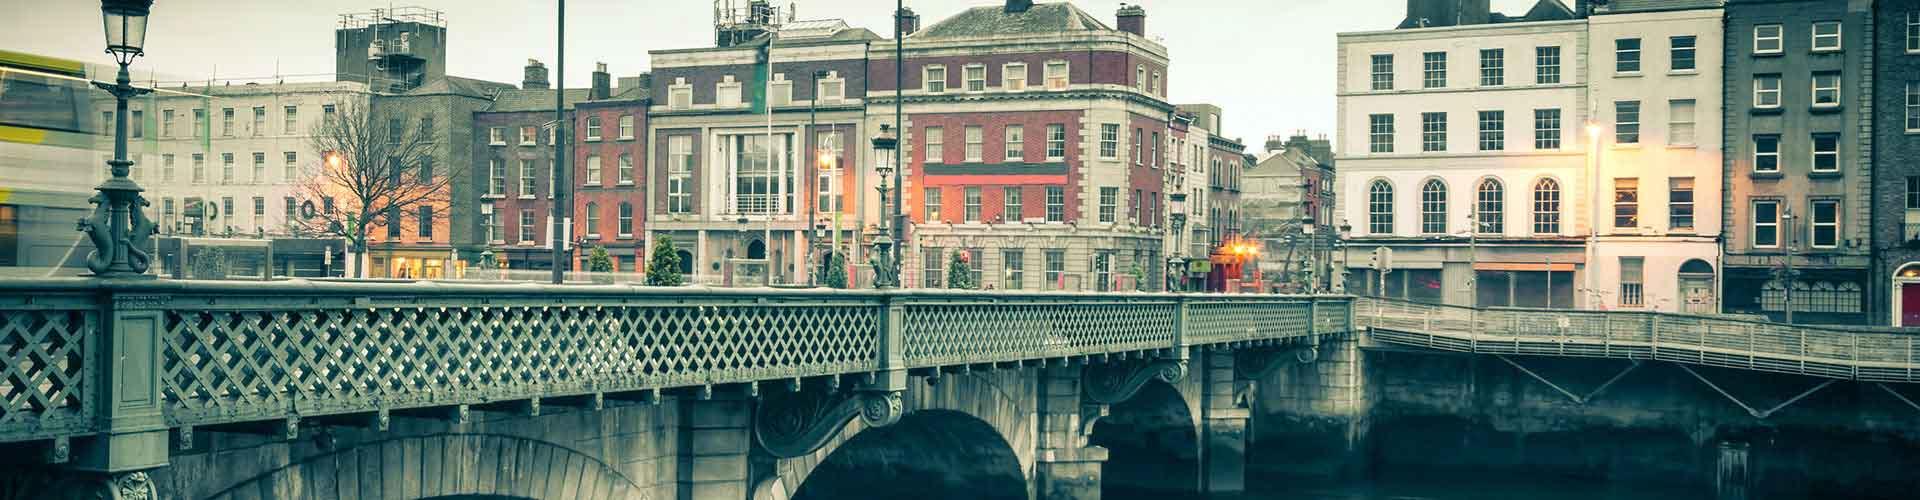 Dublin - Hôtels dans le quartier de Henry Street Core. Cartes pour Dublin, photos et commentaires pour chaque hôtel à Dublin.